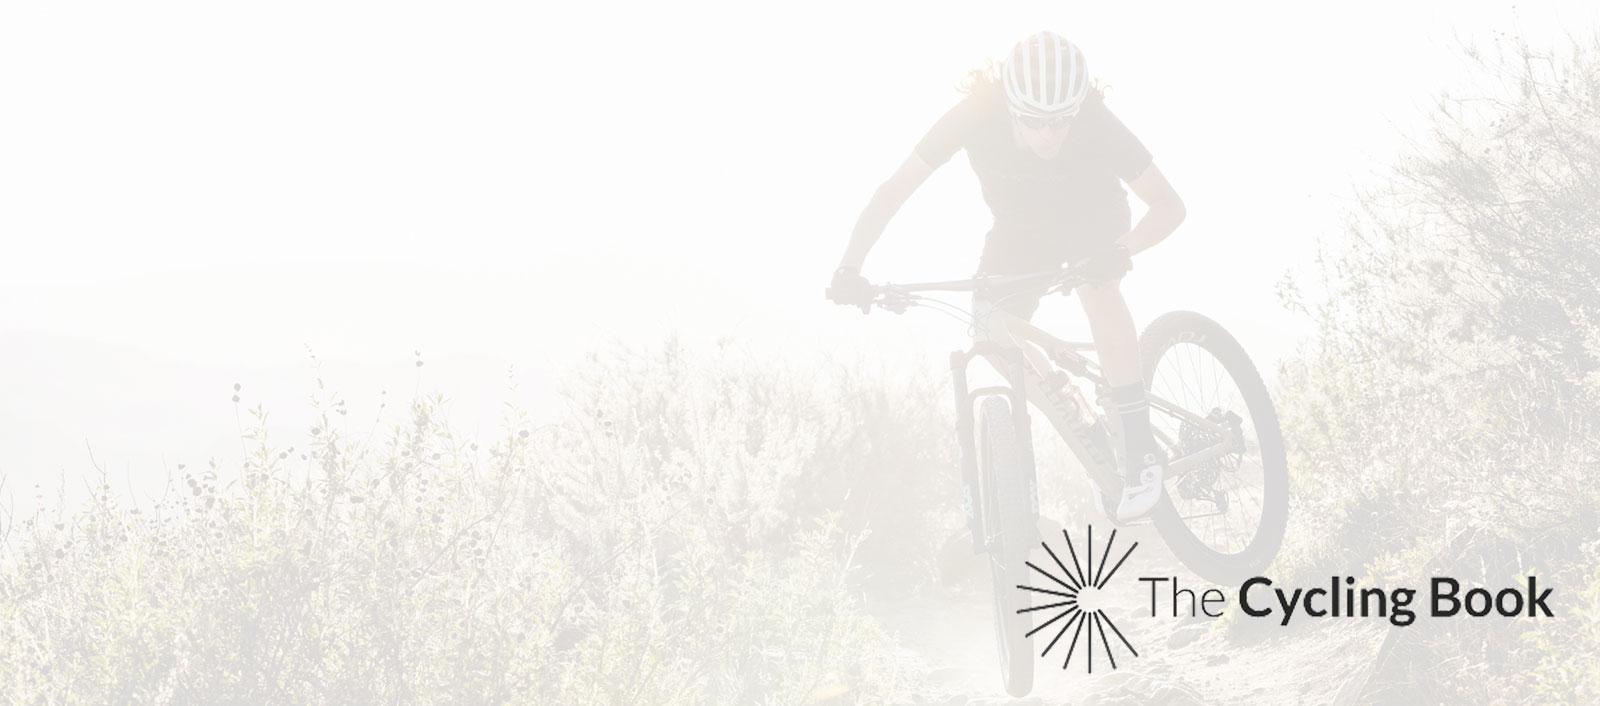 Cyclingbook - nous rachetons votre velo